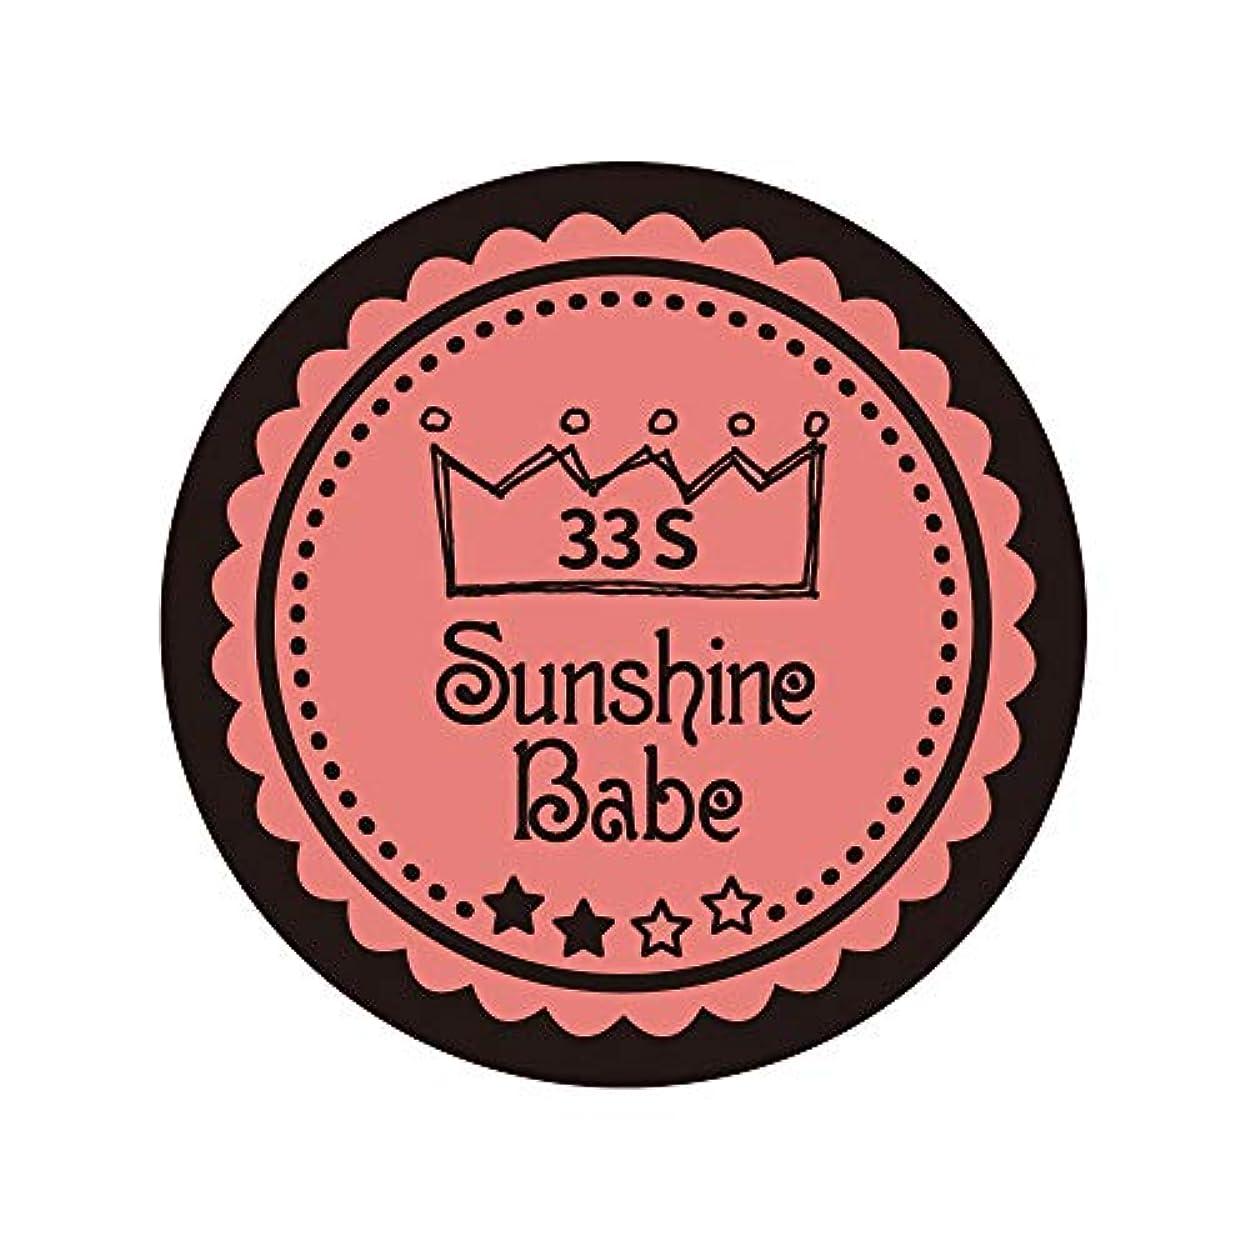 補償竜巻雪Sunshine Babe カラージェル 33S ベイクドコーラルピンク 2.7g UV/LED対応